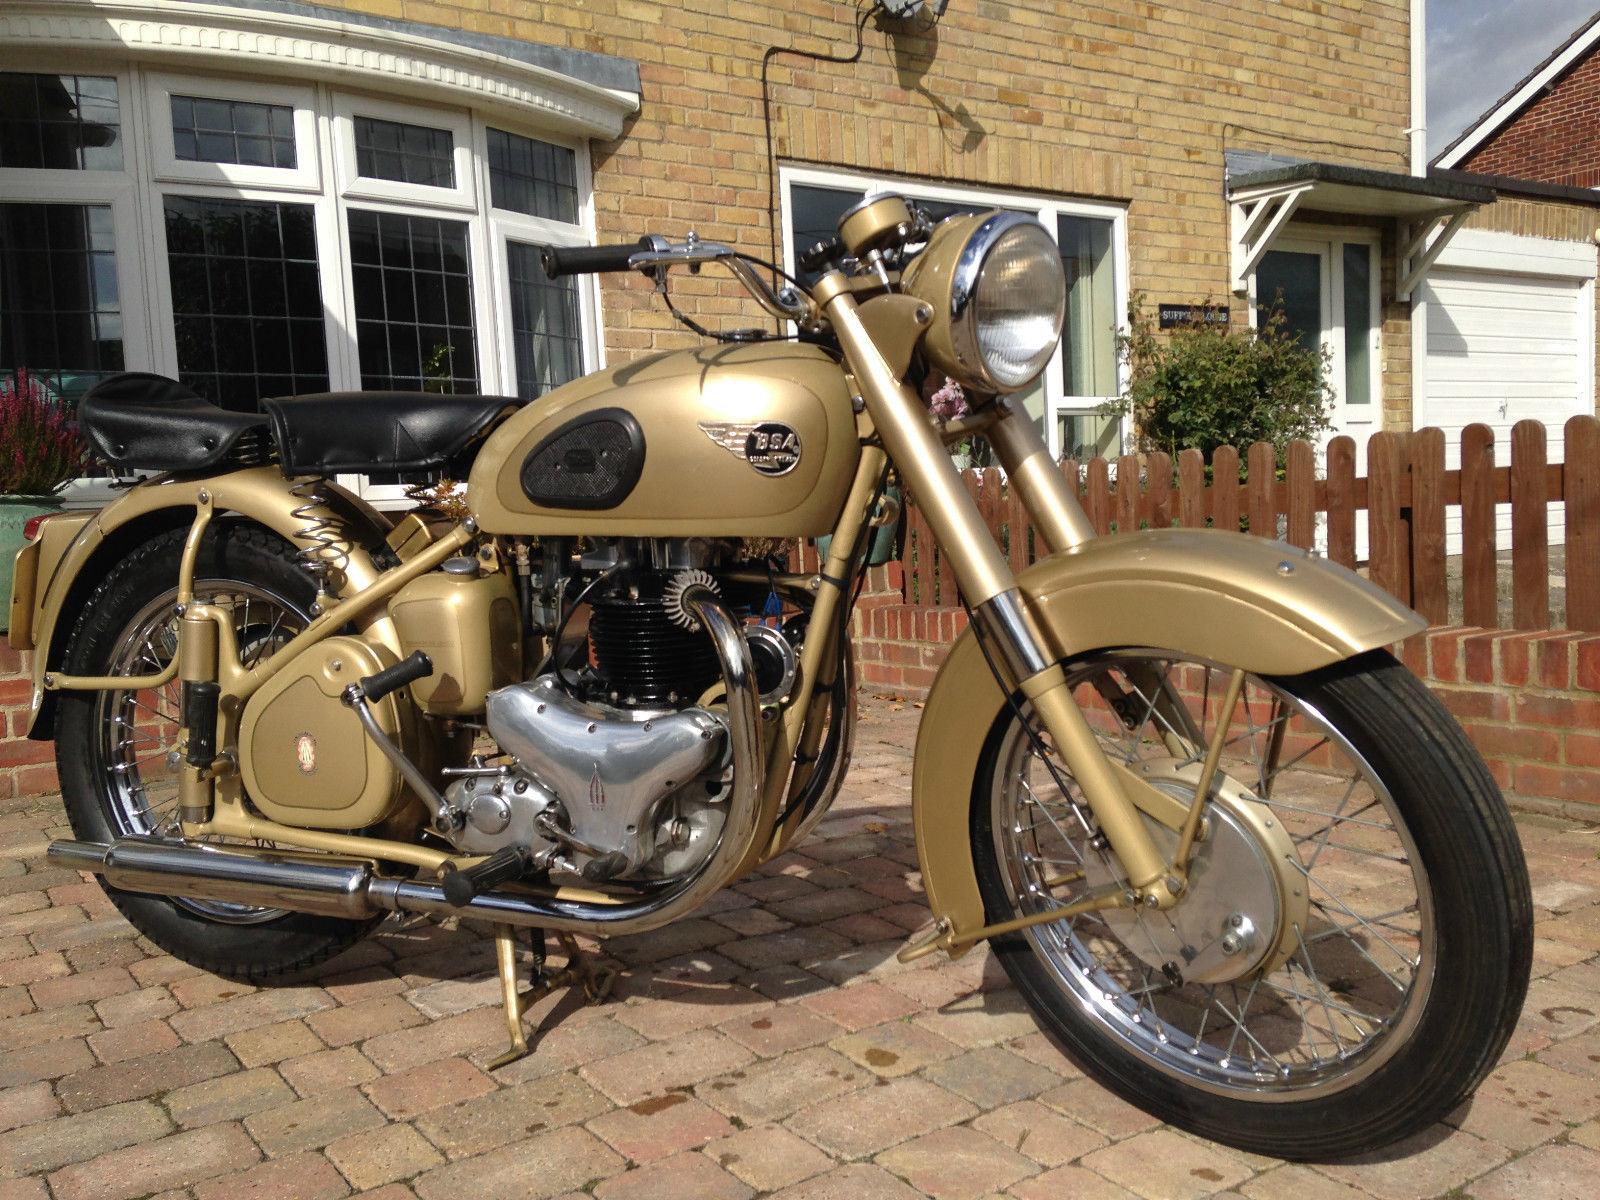 Restored Bsa A10 Gold Flash 1953 Photographs At Classic Bikes Restored Bikes Restored